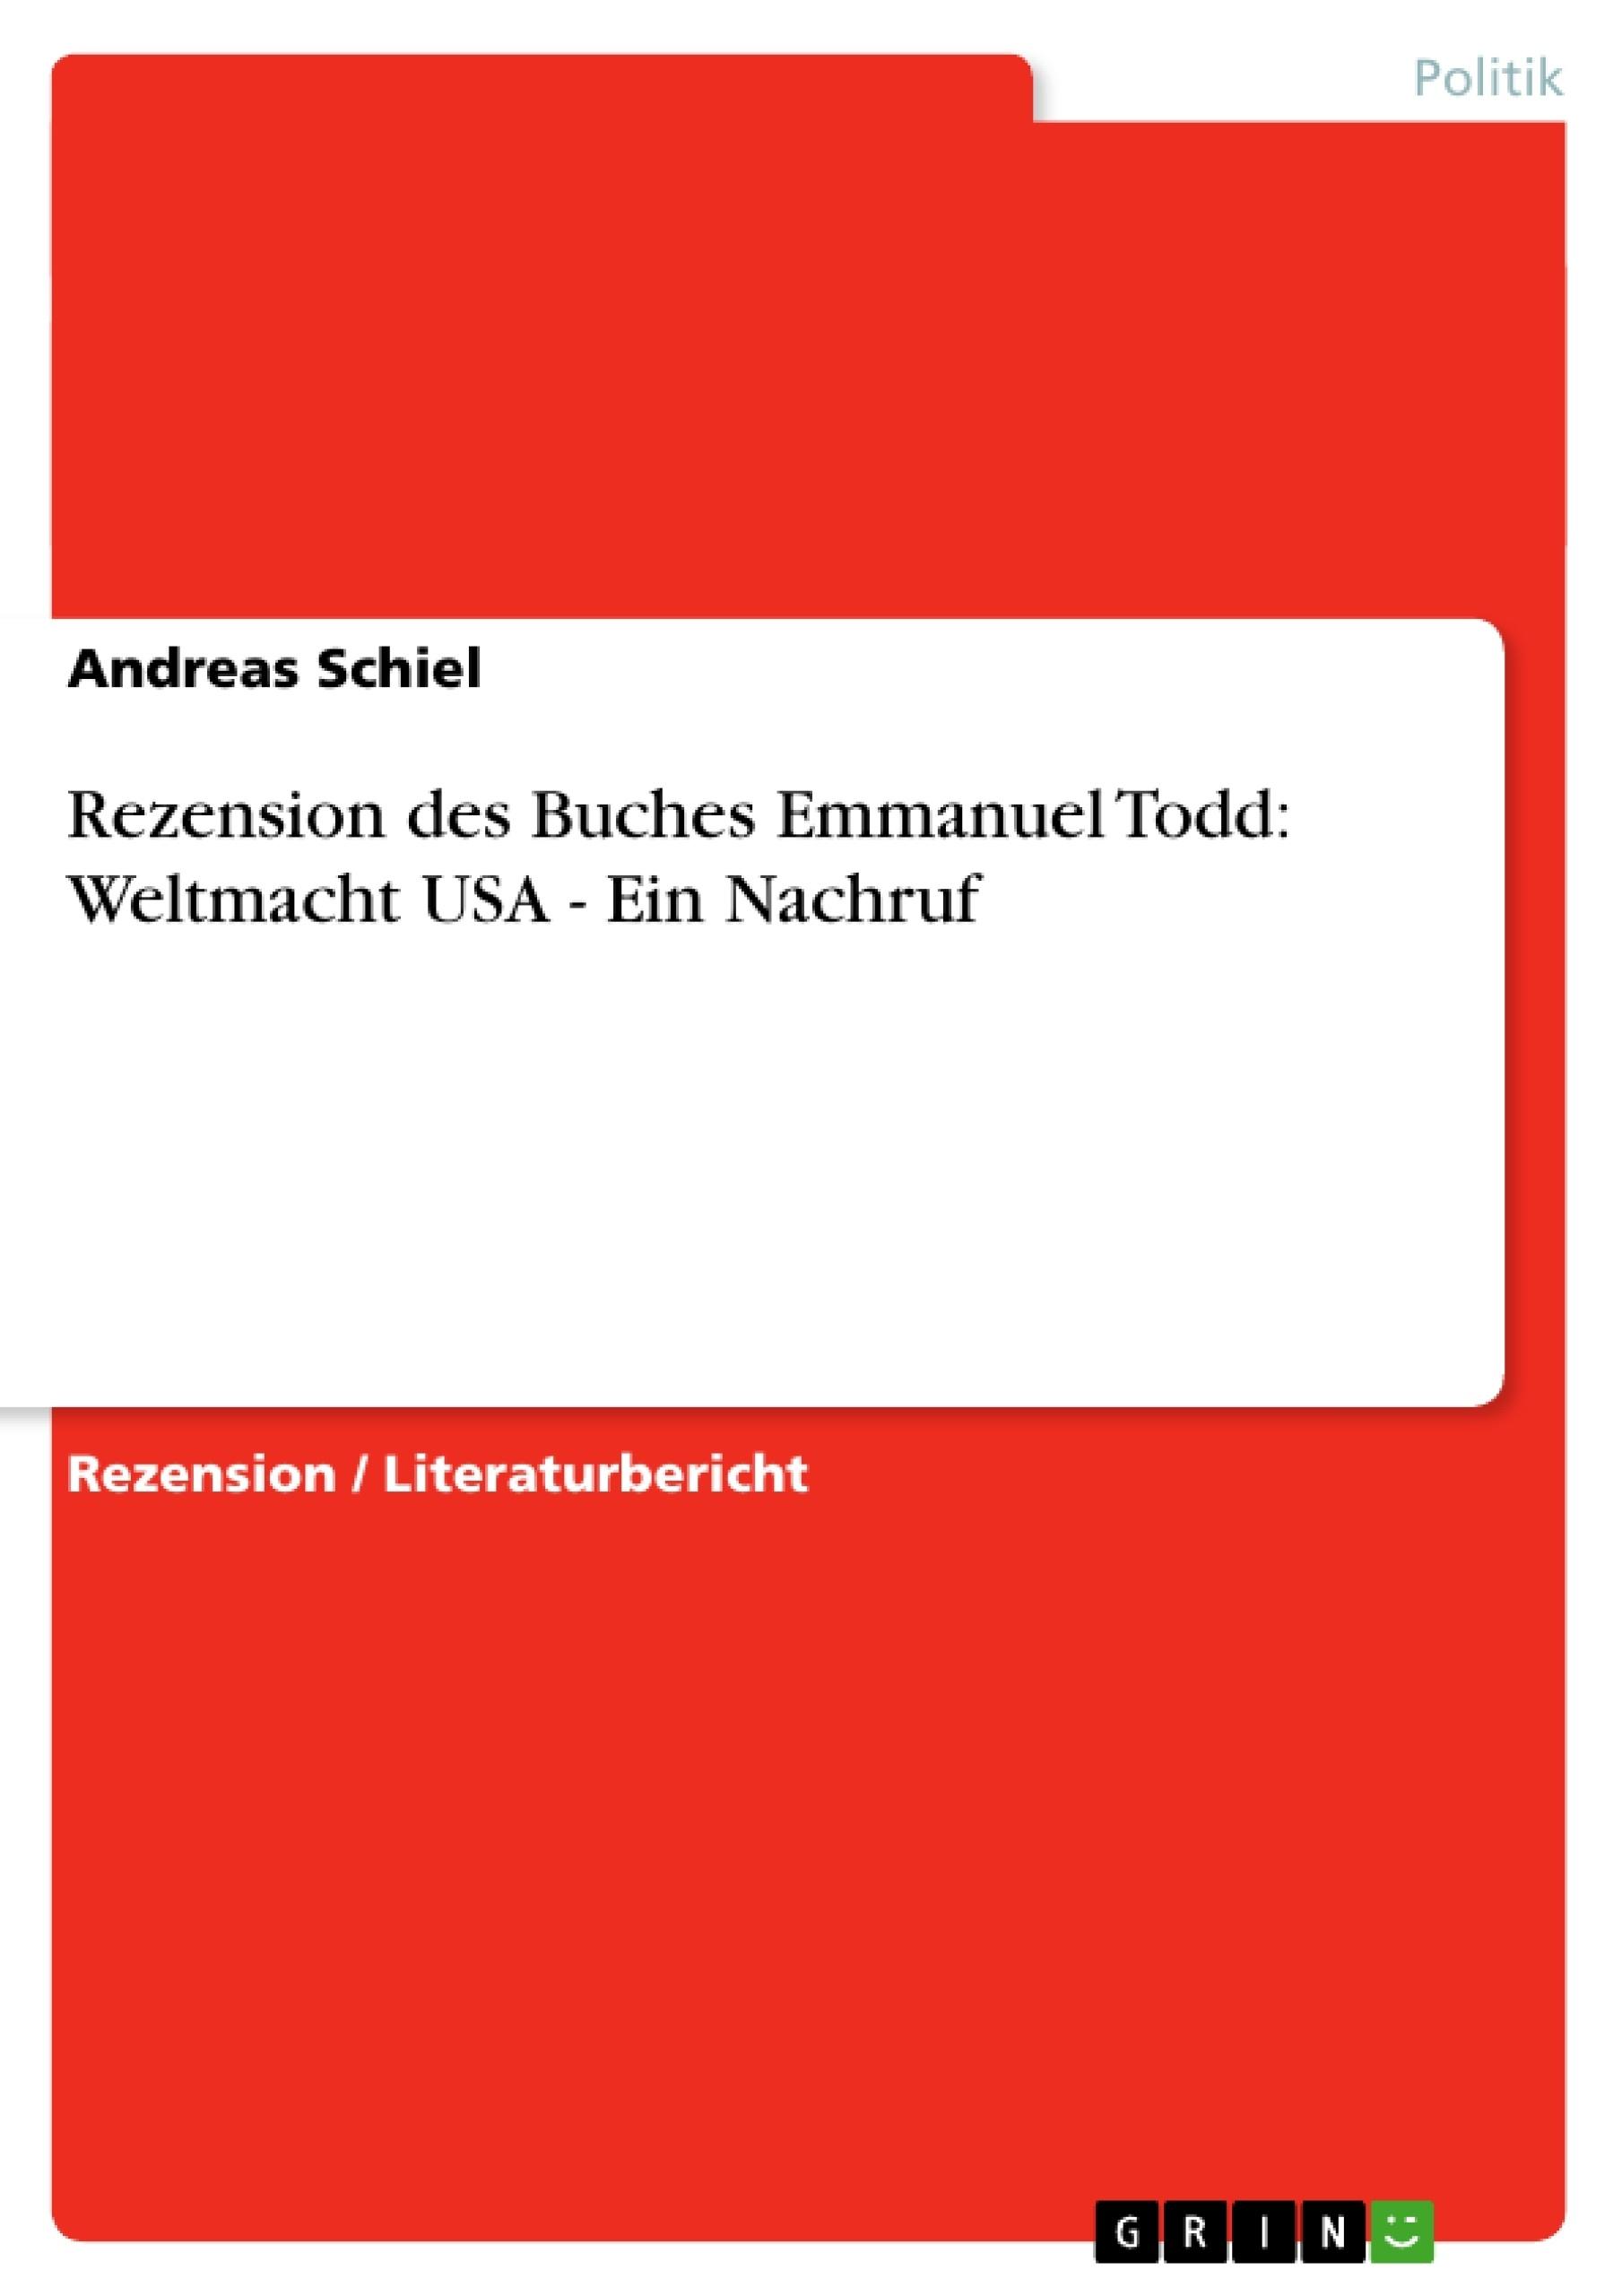 Titel: Rezension des Buches Emmanuel Todd: Weltmacht USA - Ein Nachruf